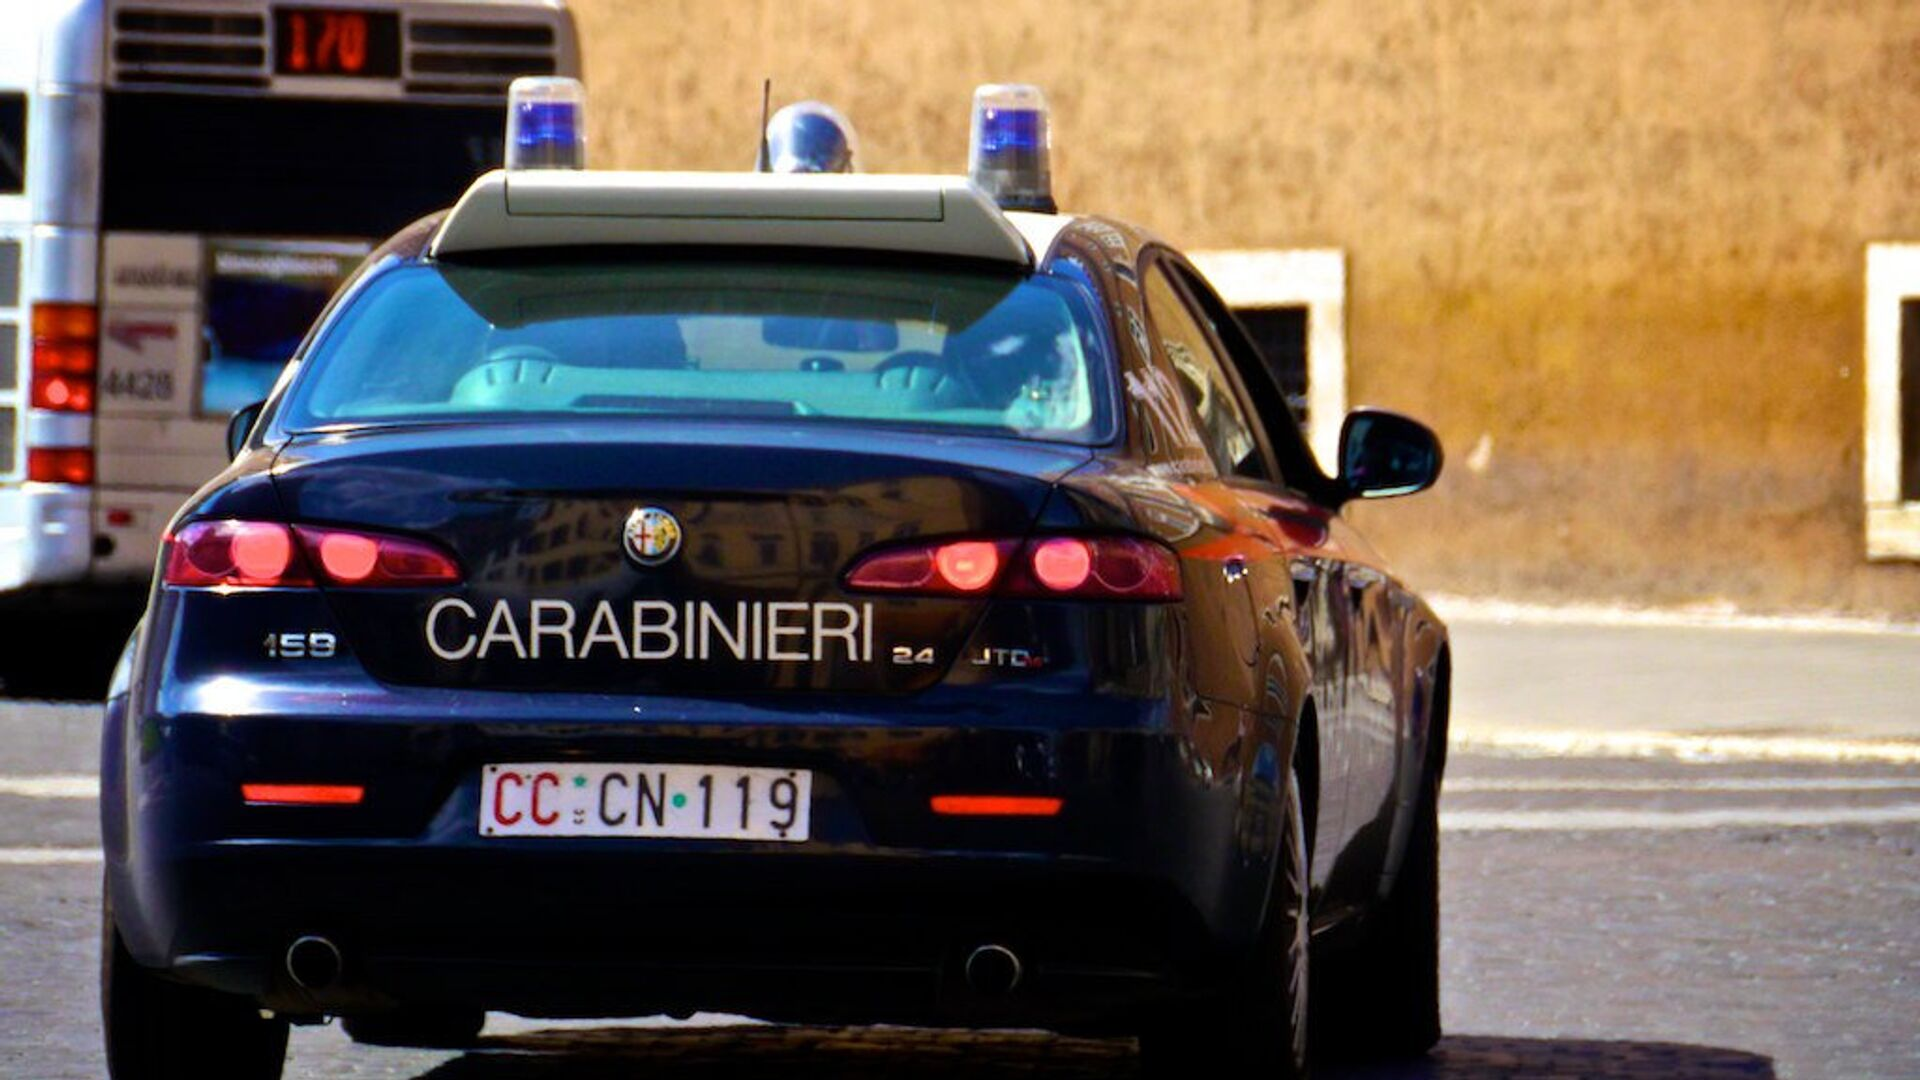 Carabinieri - Sputnik Italia, 1920, 23.09.2021